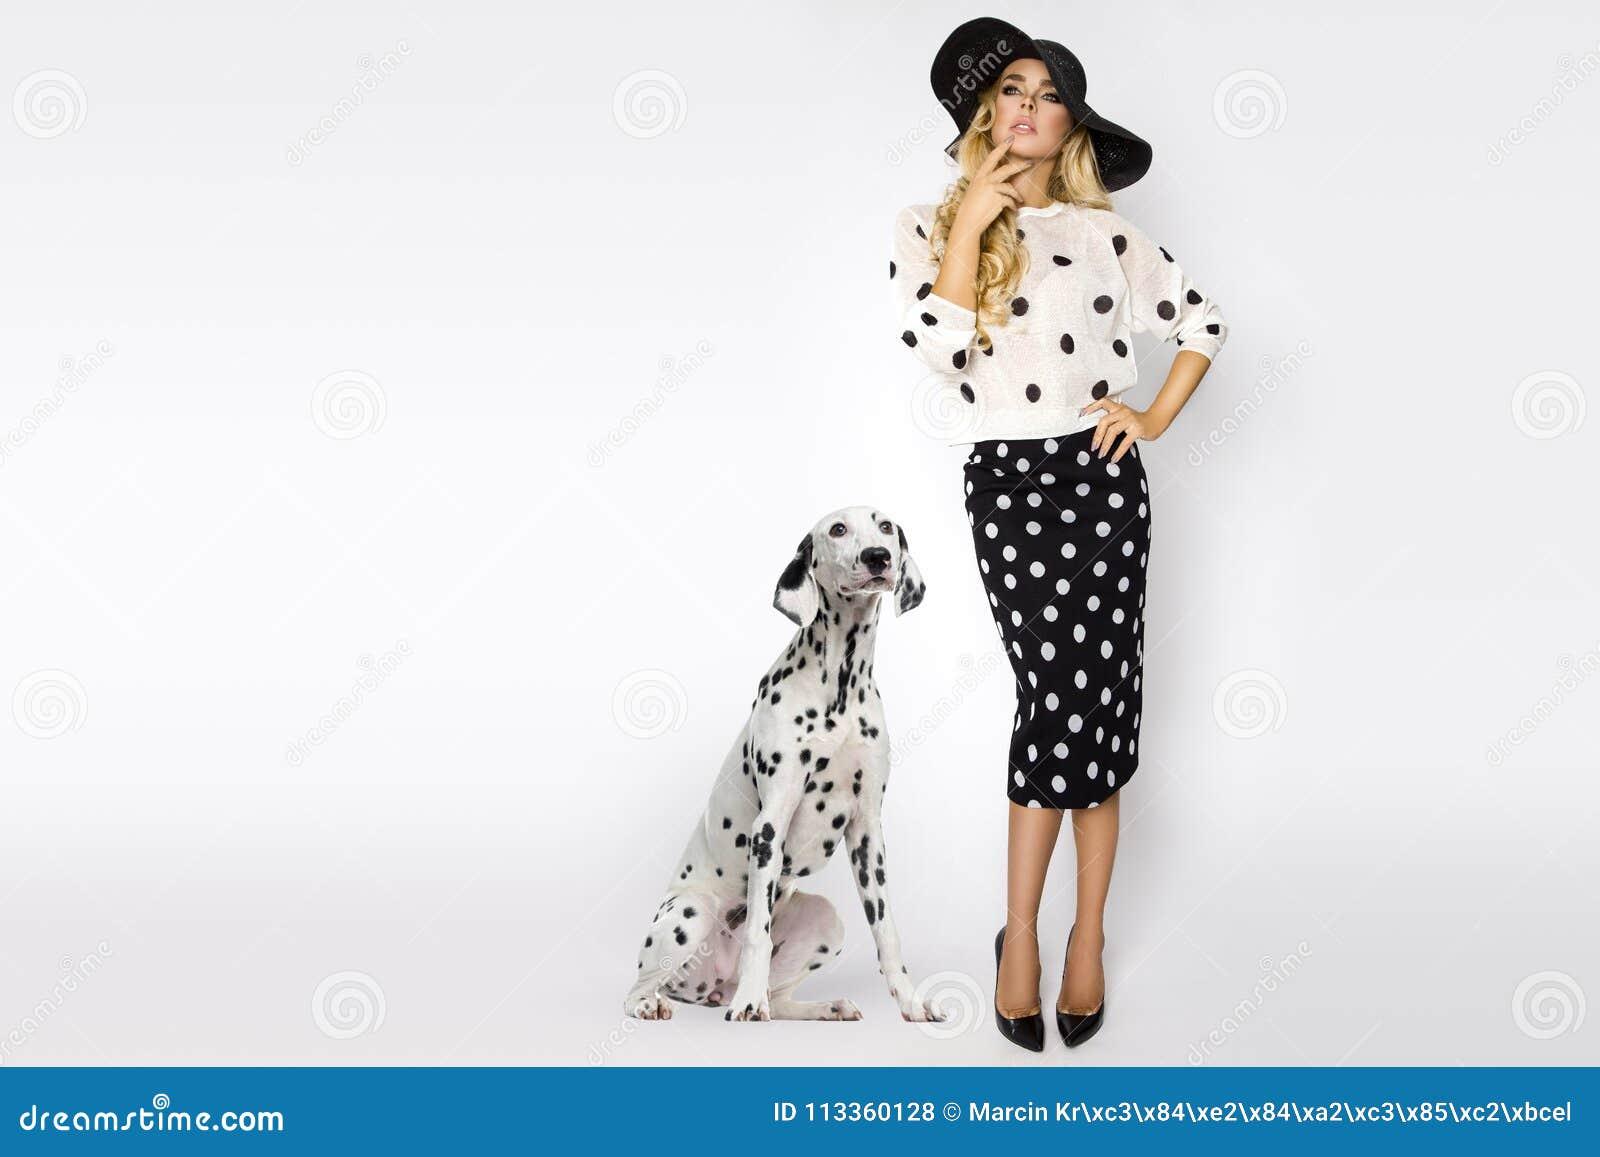 Mulher loura bonita,  sexy  em às bolinhas elegantes e um chapéu, estando em um fundo branco ao lado de um cão dalmatian